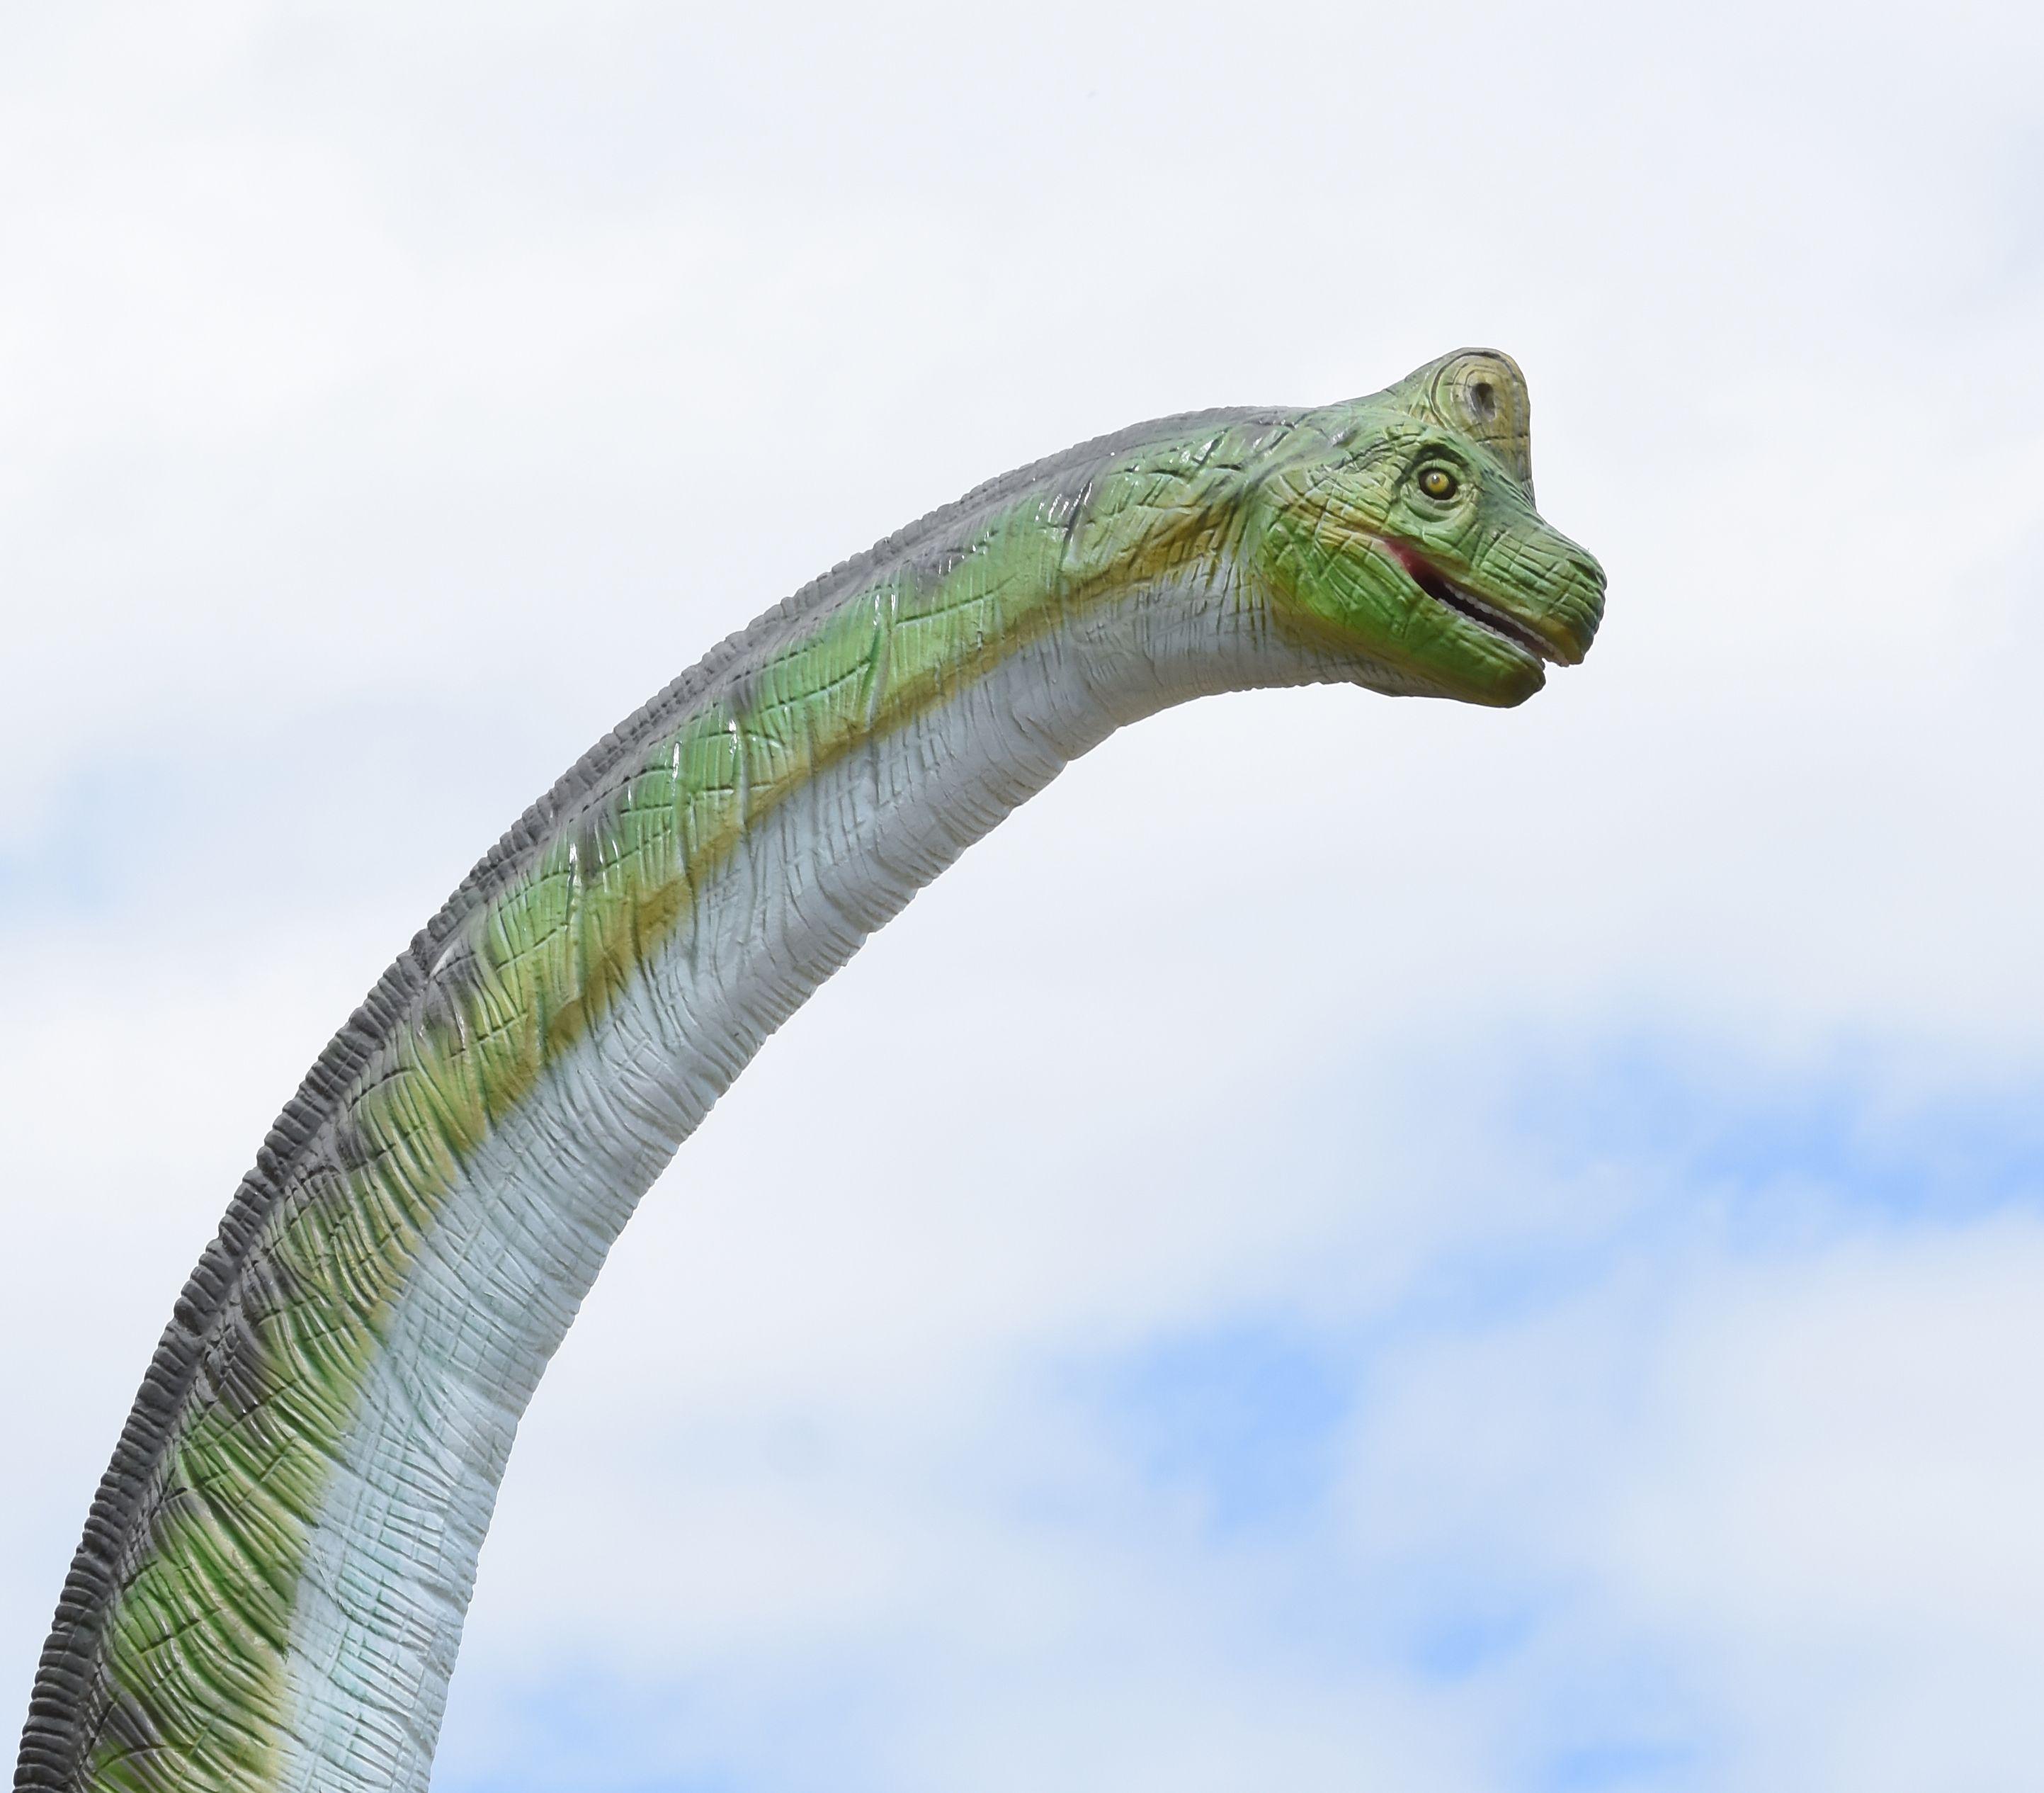 image relating to Mystic Aquarium Printable Coupons named Brachiosaurus brain Juric Giants Mystic aquarium